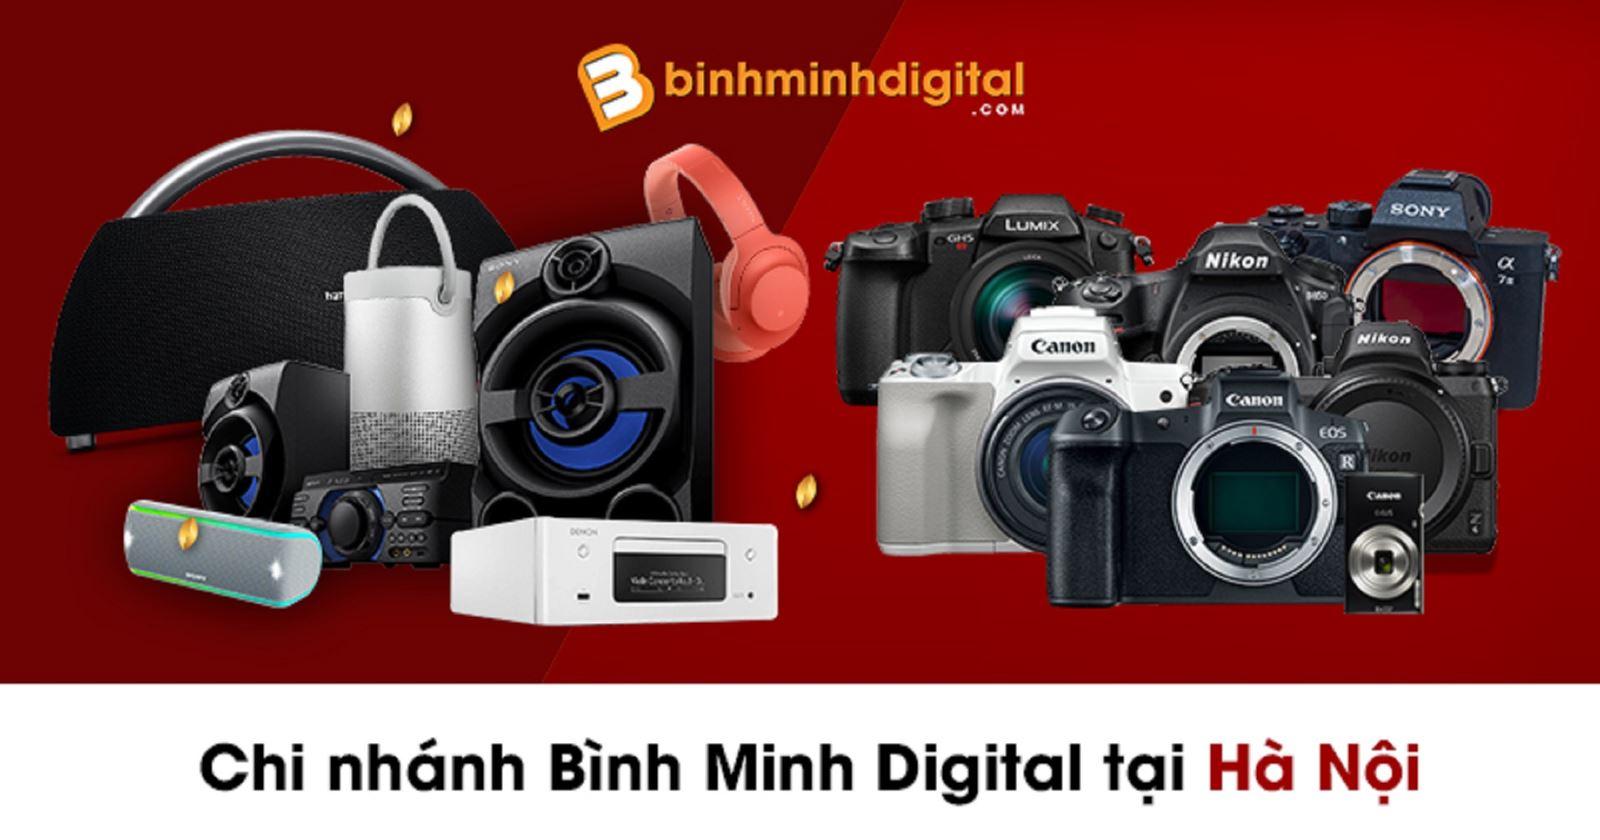 Chi nhánh Bình Minh Digital tại Hà Nội